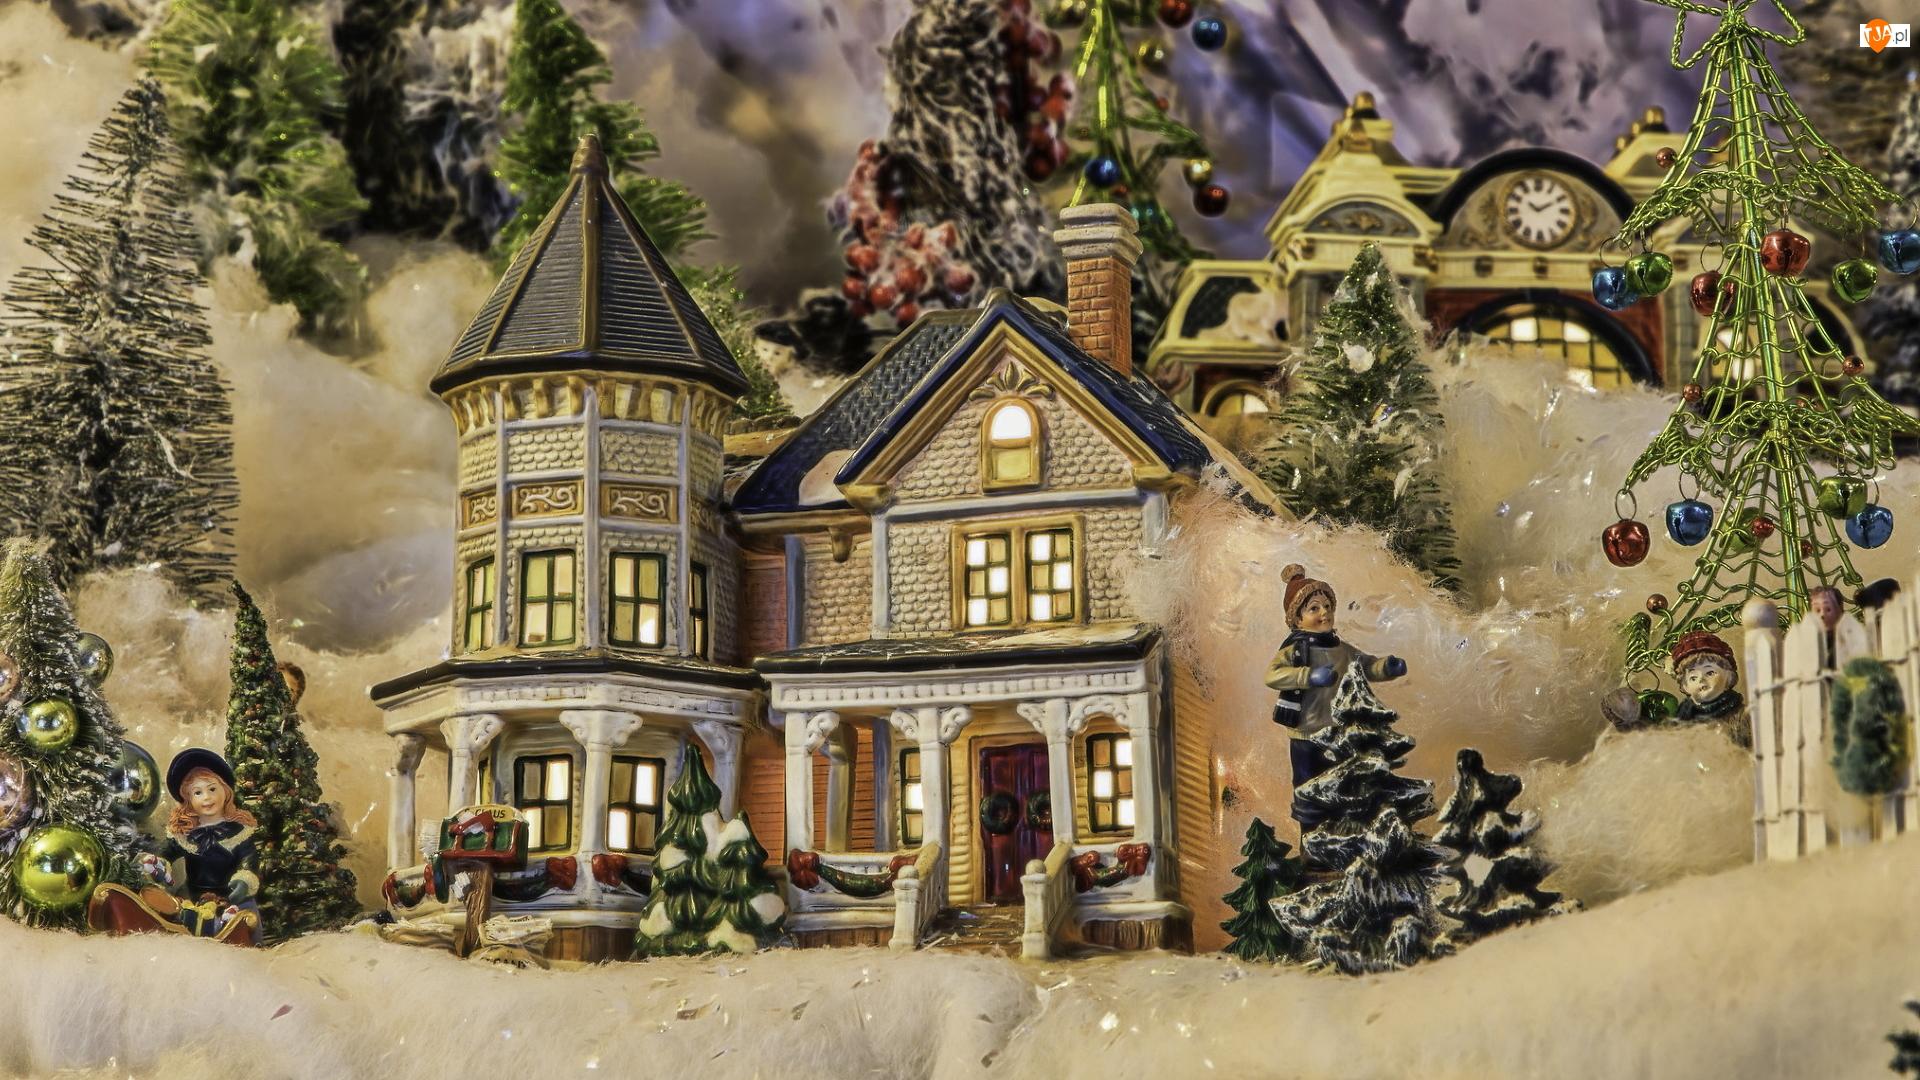 Dekoracja, Boże Narodzenie, Figurki, Choinki, Kompozycja, Domek